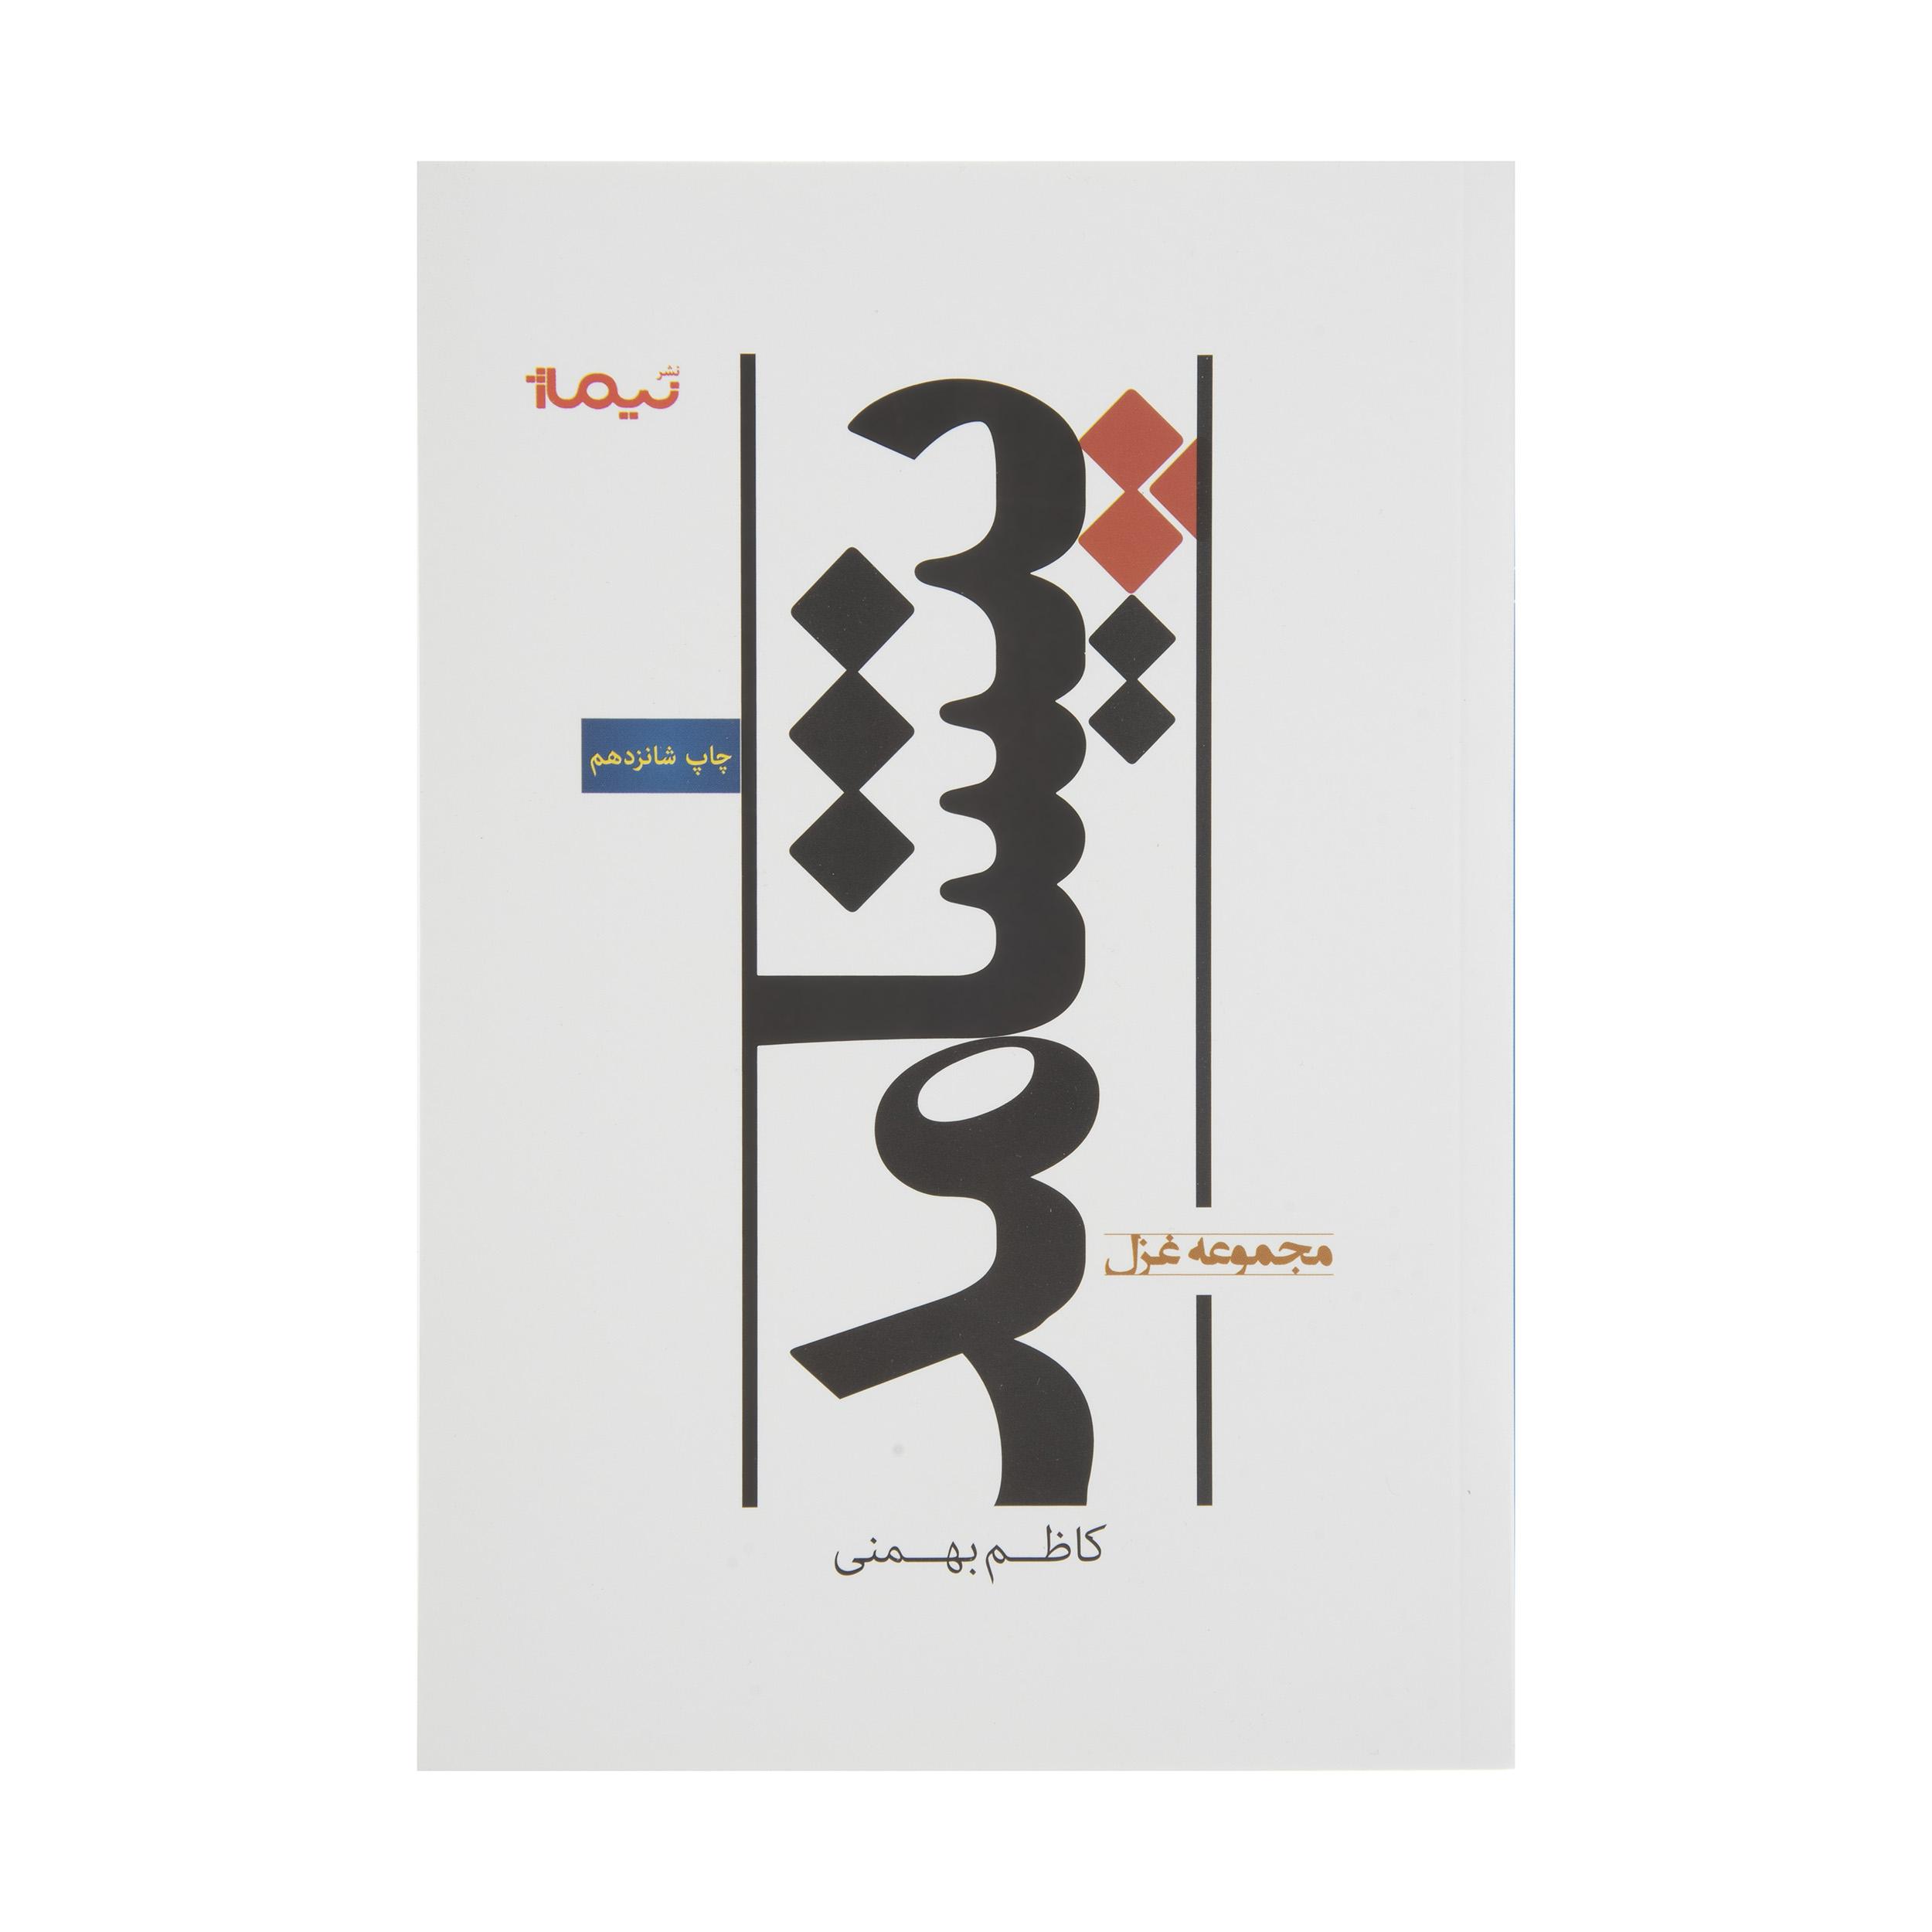 کتاب پیشامد اثر کاظم بهمنی